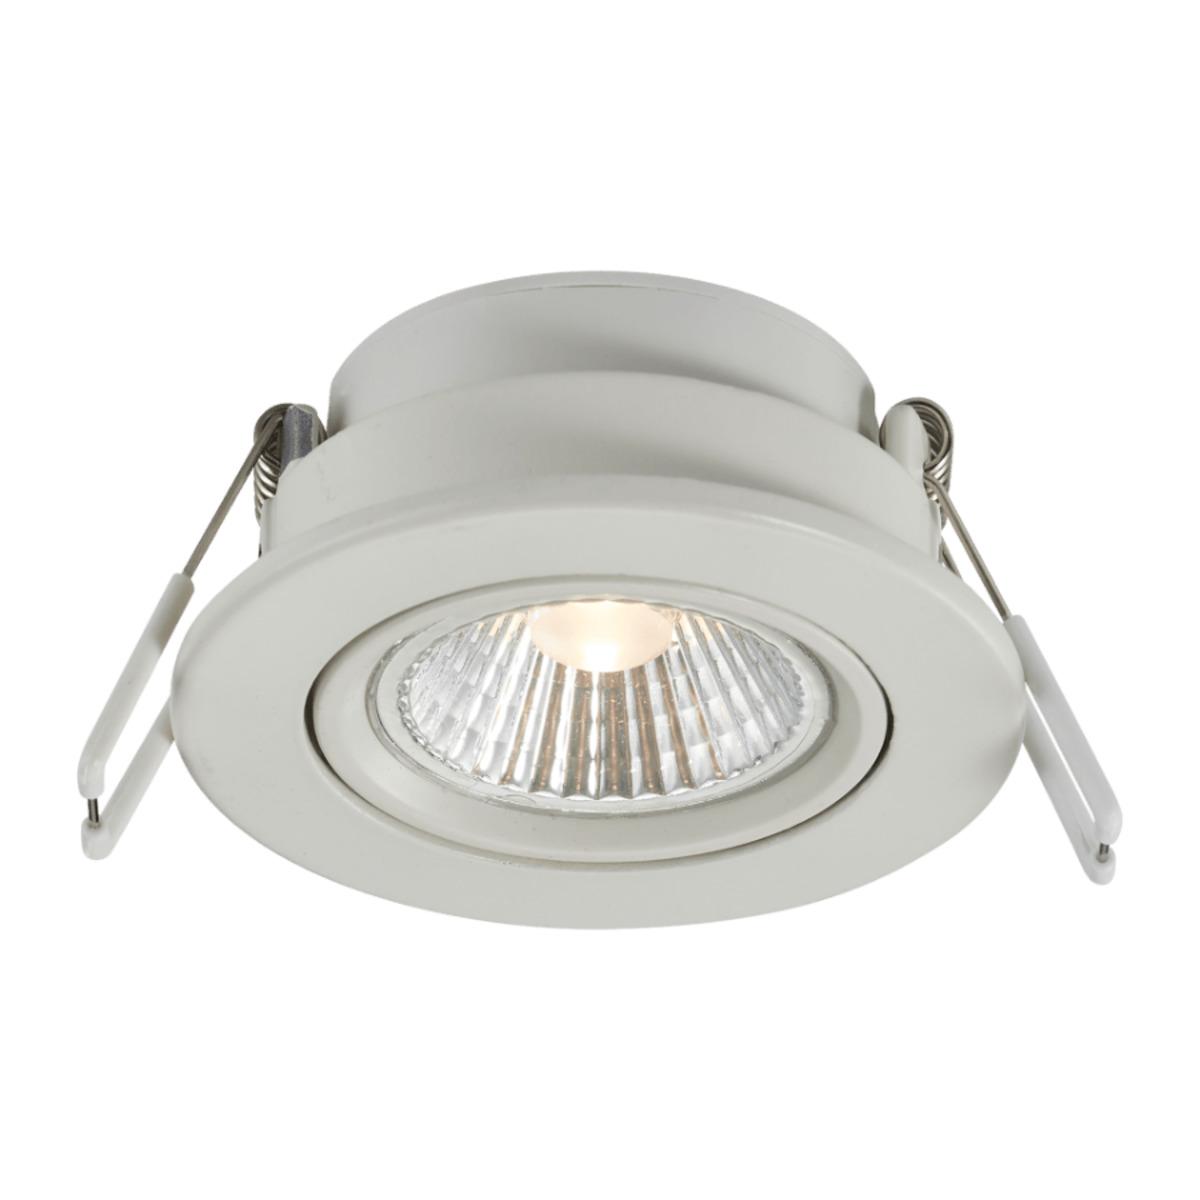 Bild 5 von LIGHTZONE     LED-Einbauleuchten